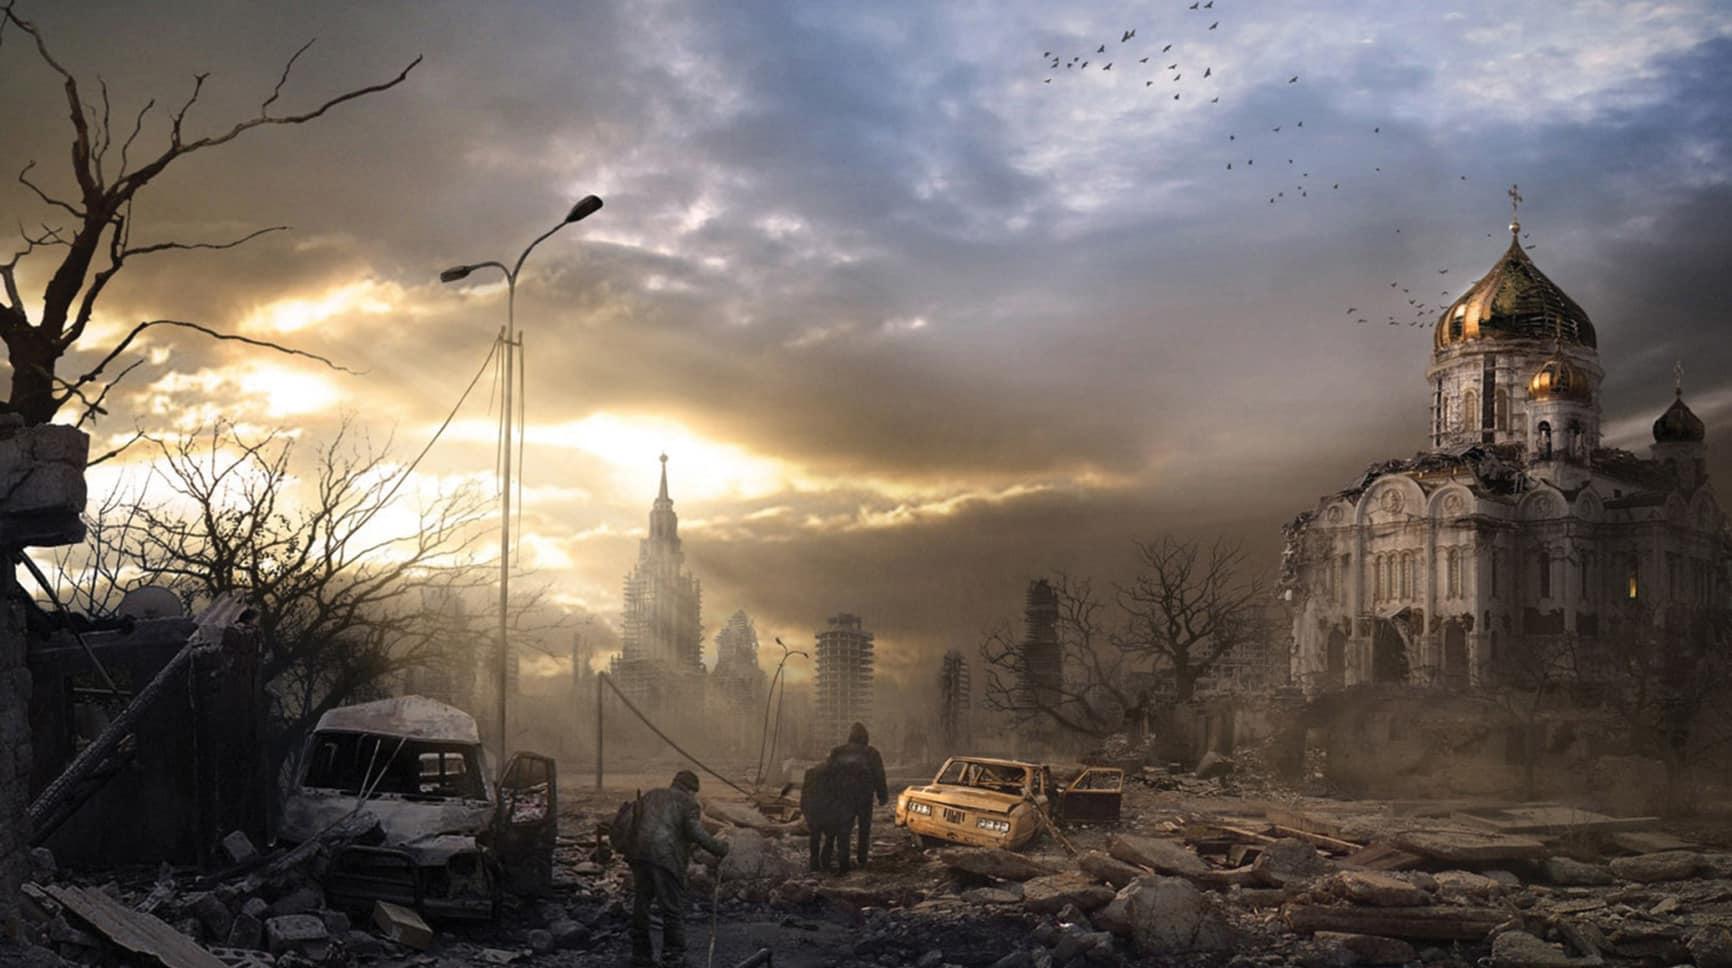 Страны в которых можно спастись от ядерной войны: где лучше спрятаться от третьей мировой войны